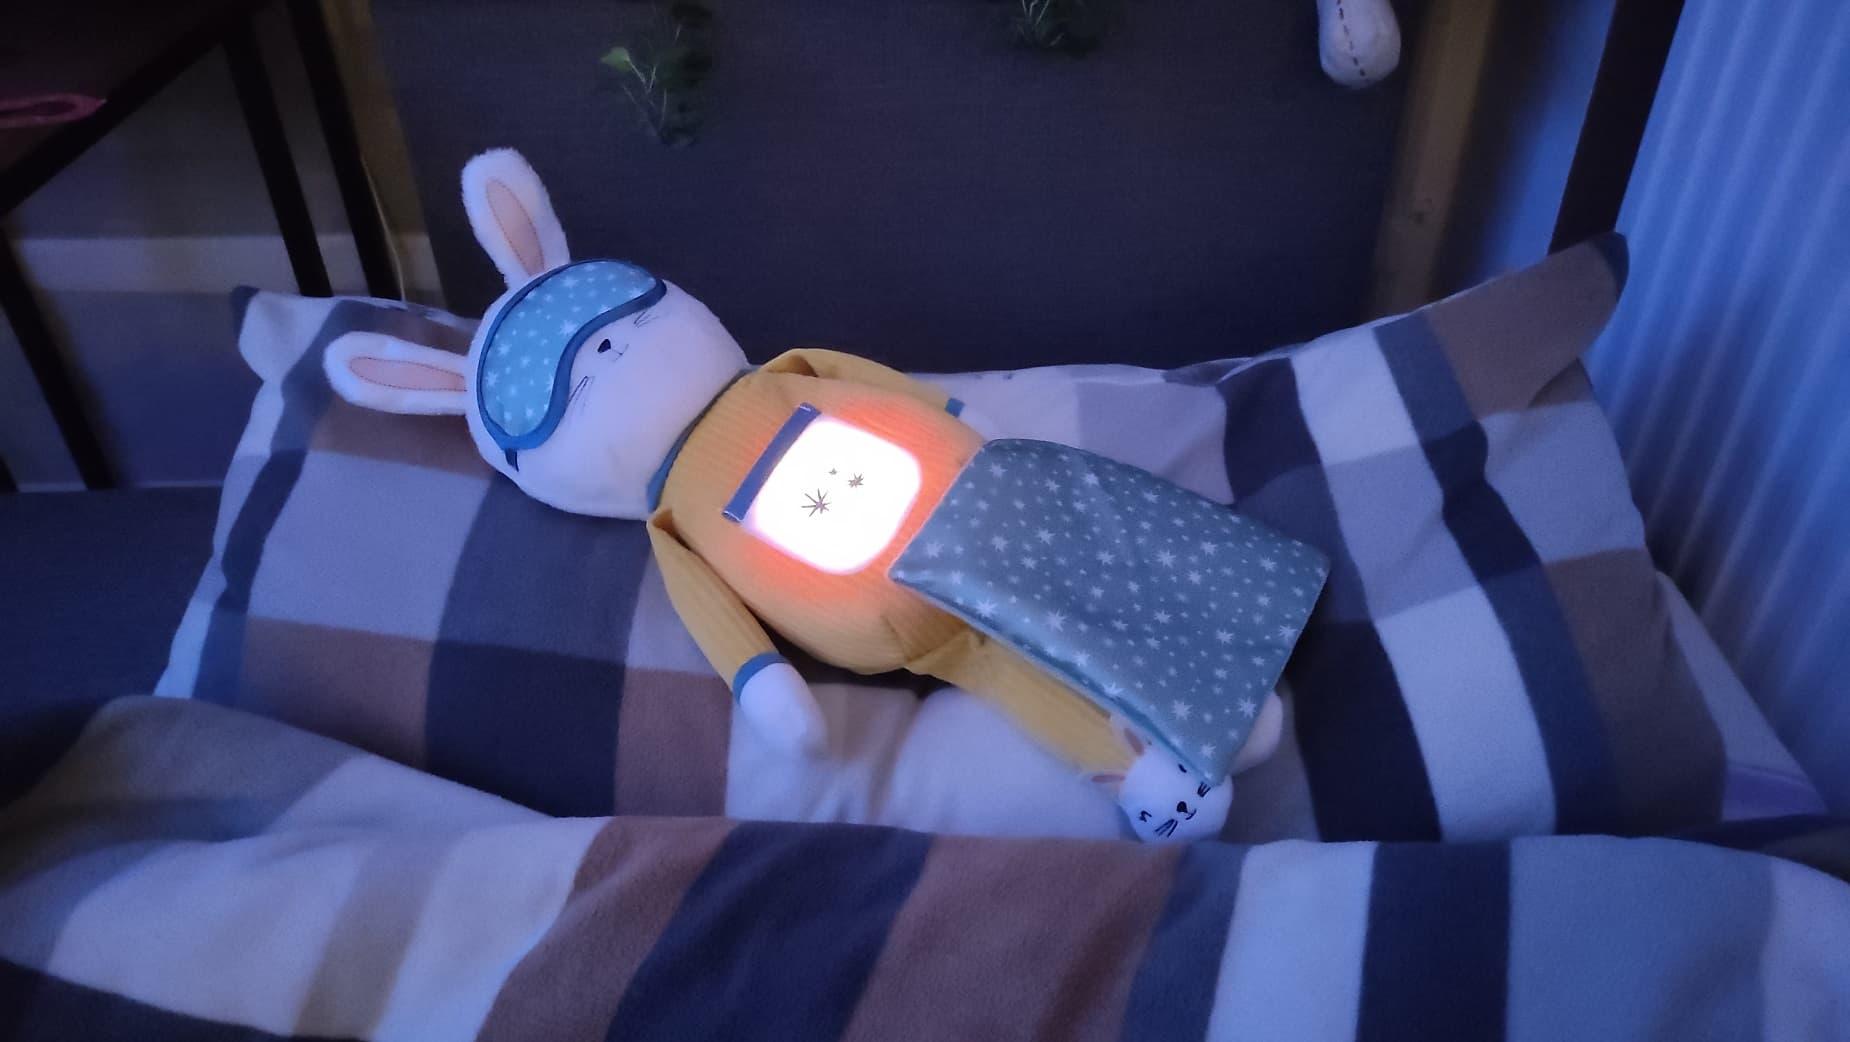 Króliczek Usypianka Zaśnij ze mną zabawka do pomocy w zasypianiu